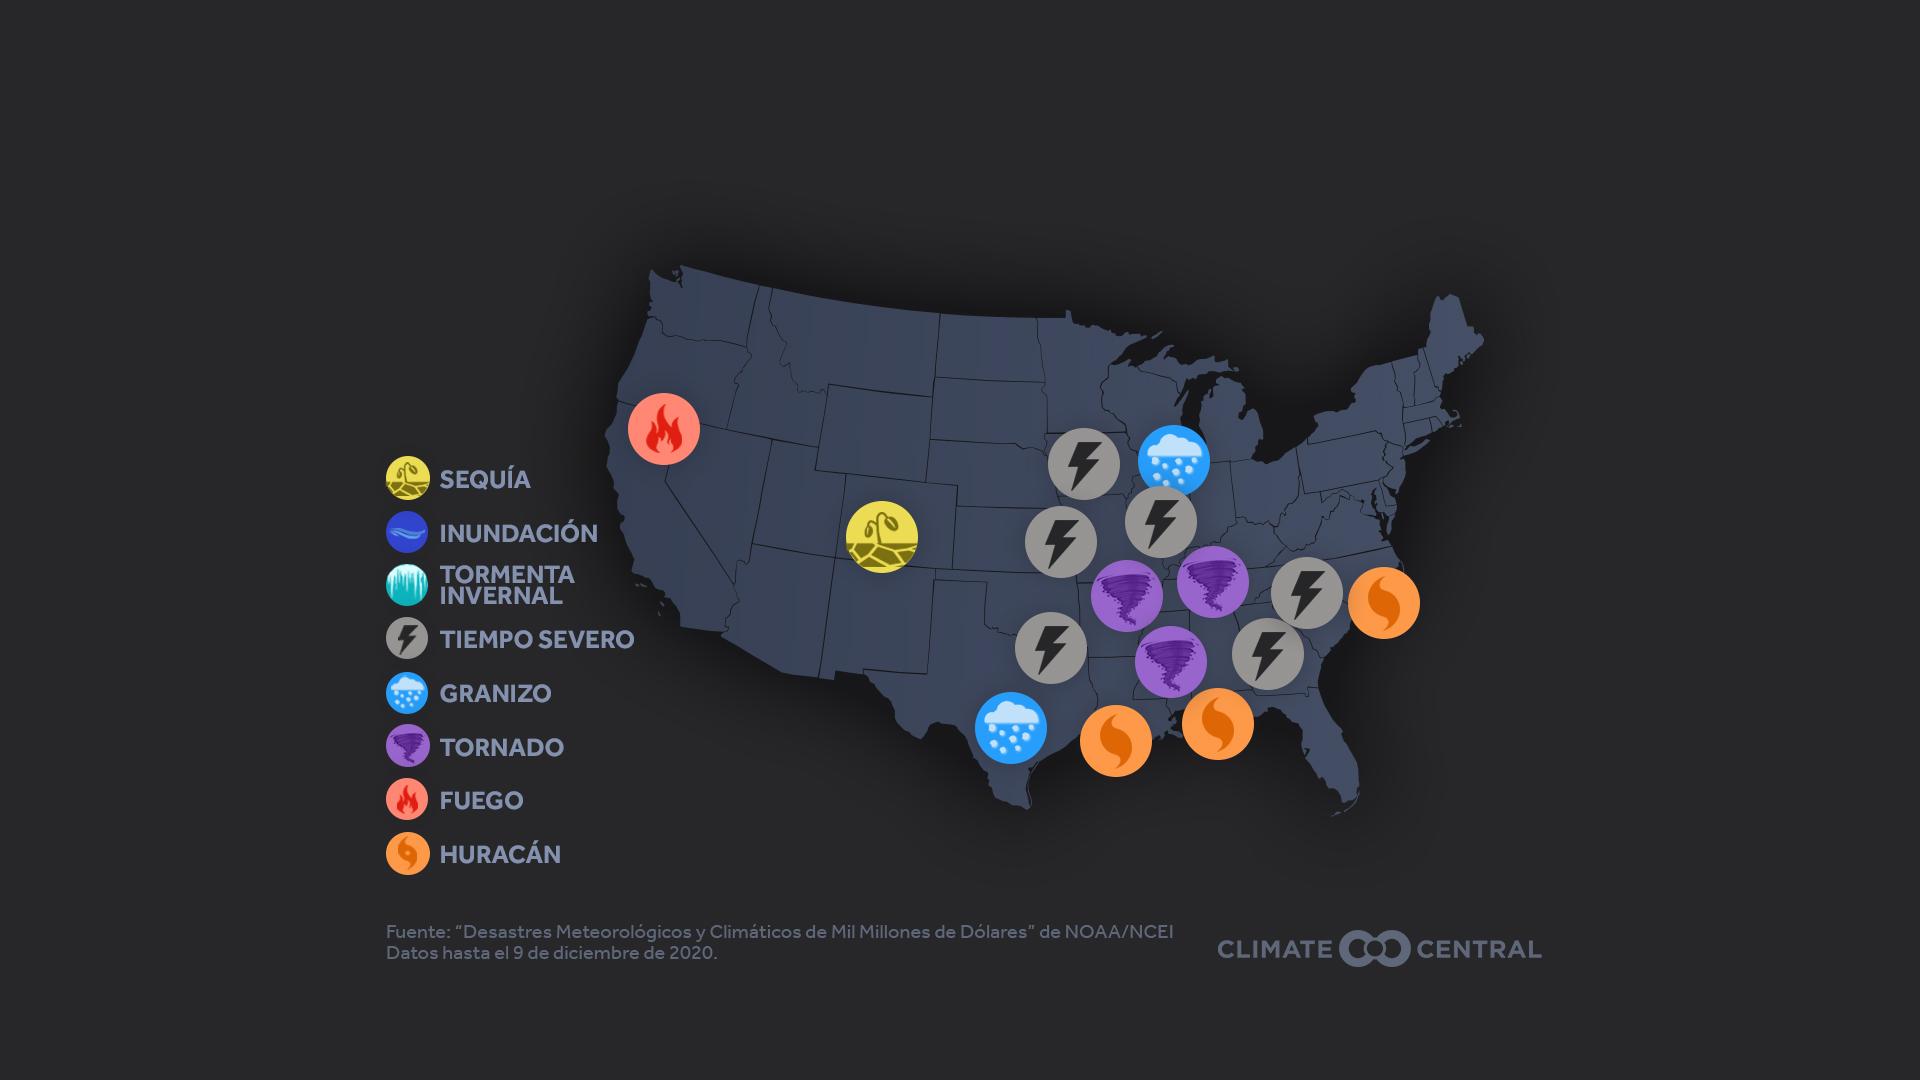 Mapa nacional de desastres de mil milliones de dólares JPG sin título